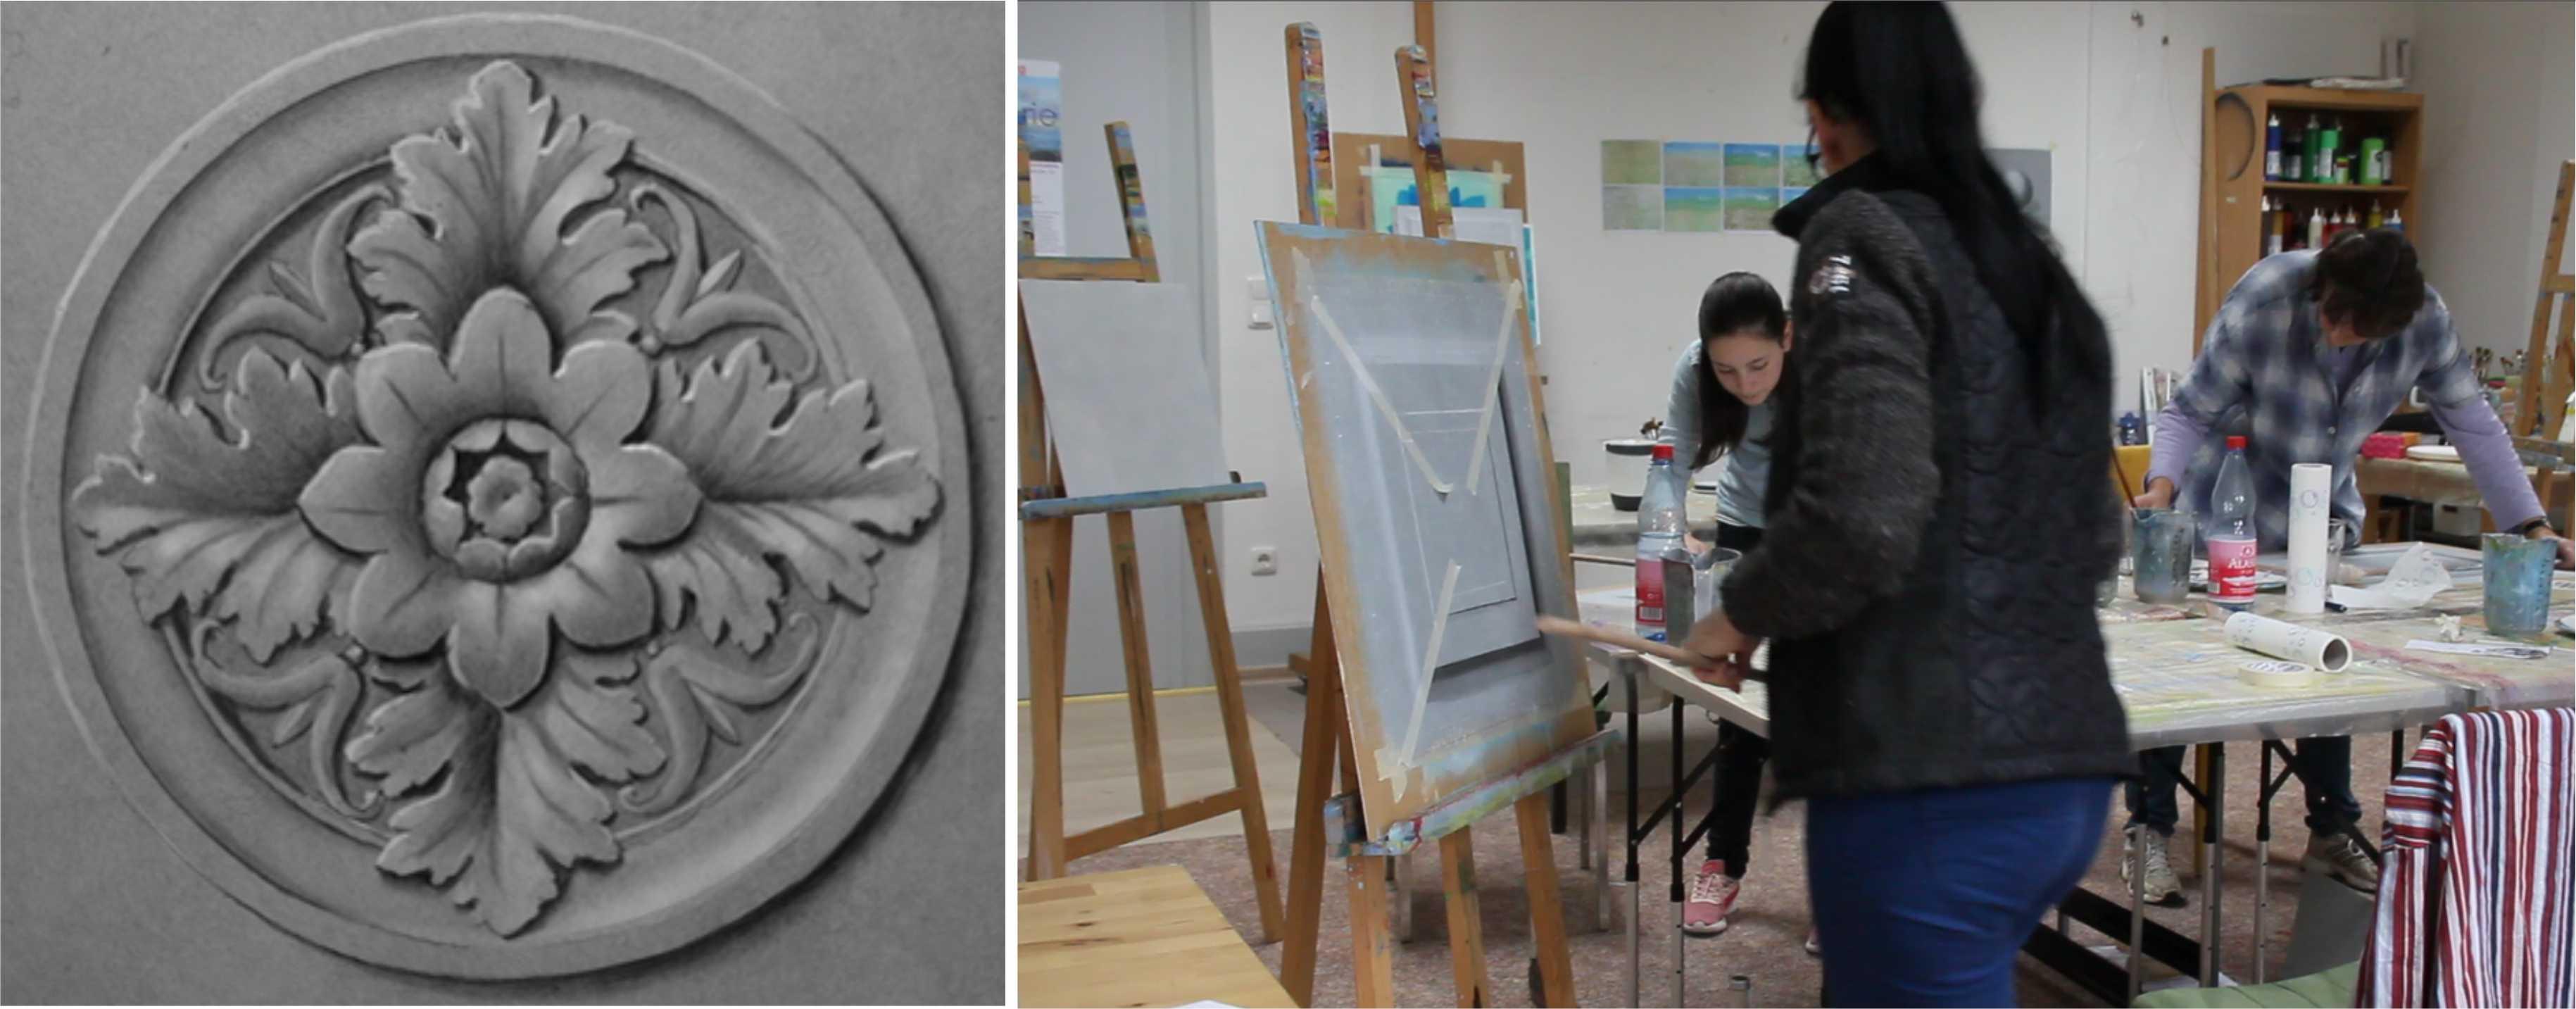 Kurs Graumalerei / Grisaille für Künstler, Kunstakademie Wertheim, Akademie für Fotorealismus, Atelier Leoni